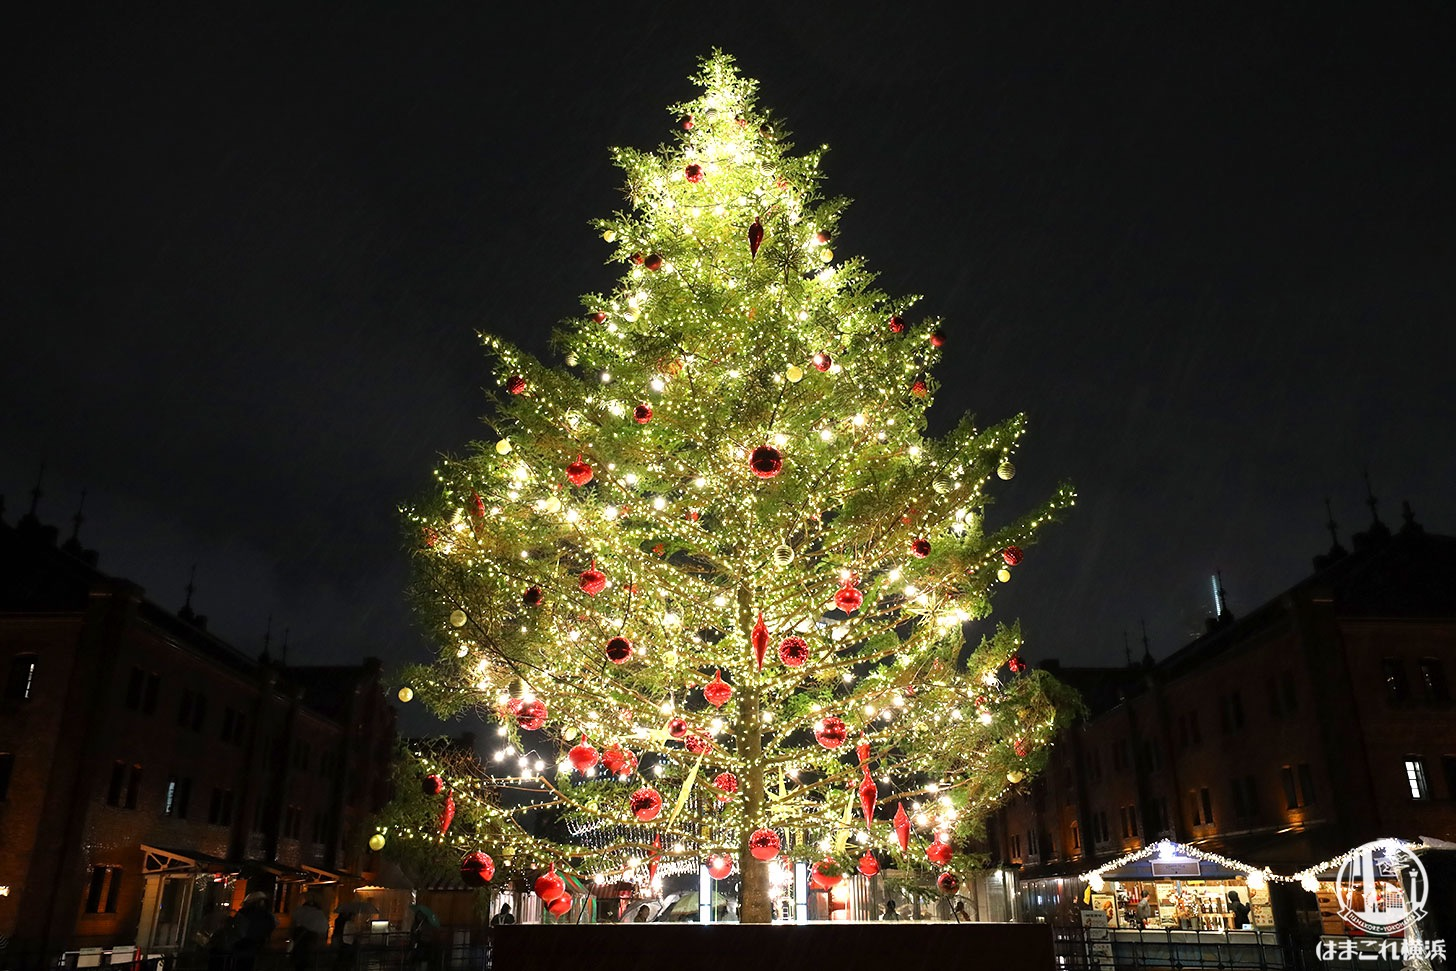 横浜赤レンガ倉庫 クリスマスマーケット・クリスマスツリー